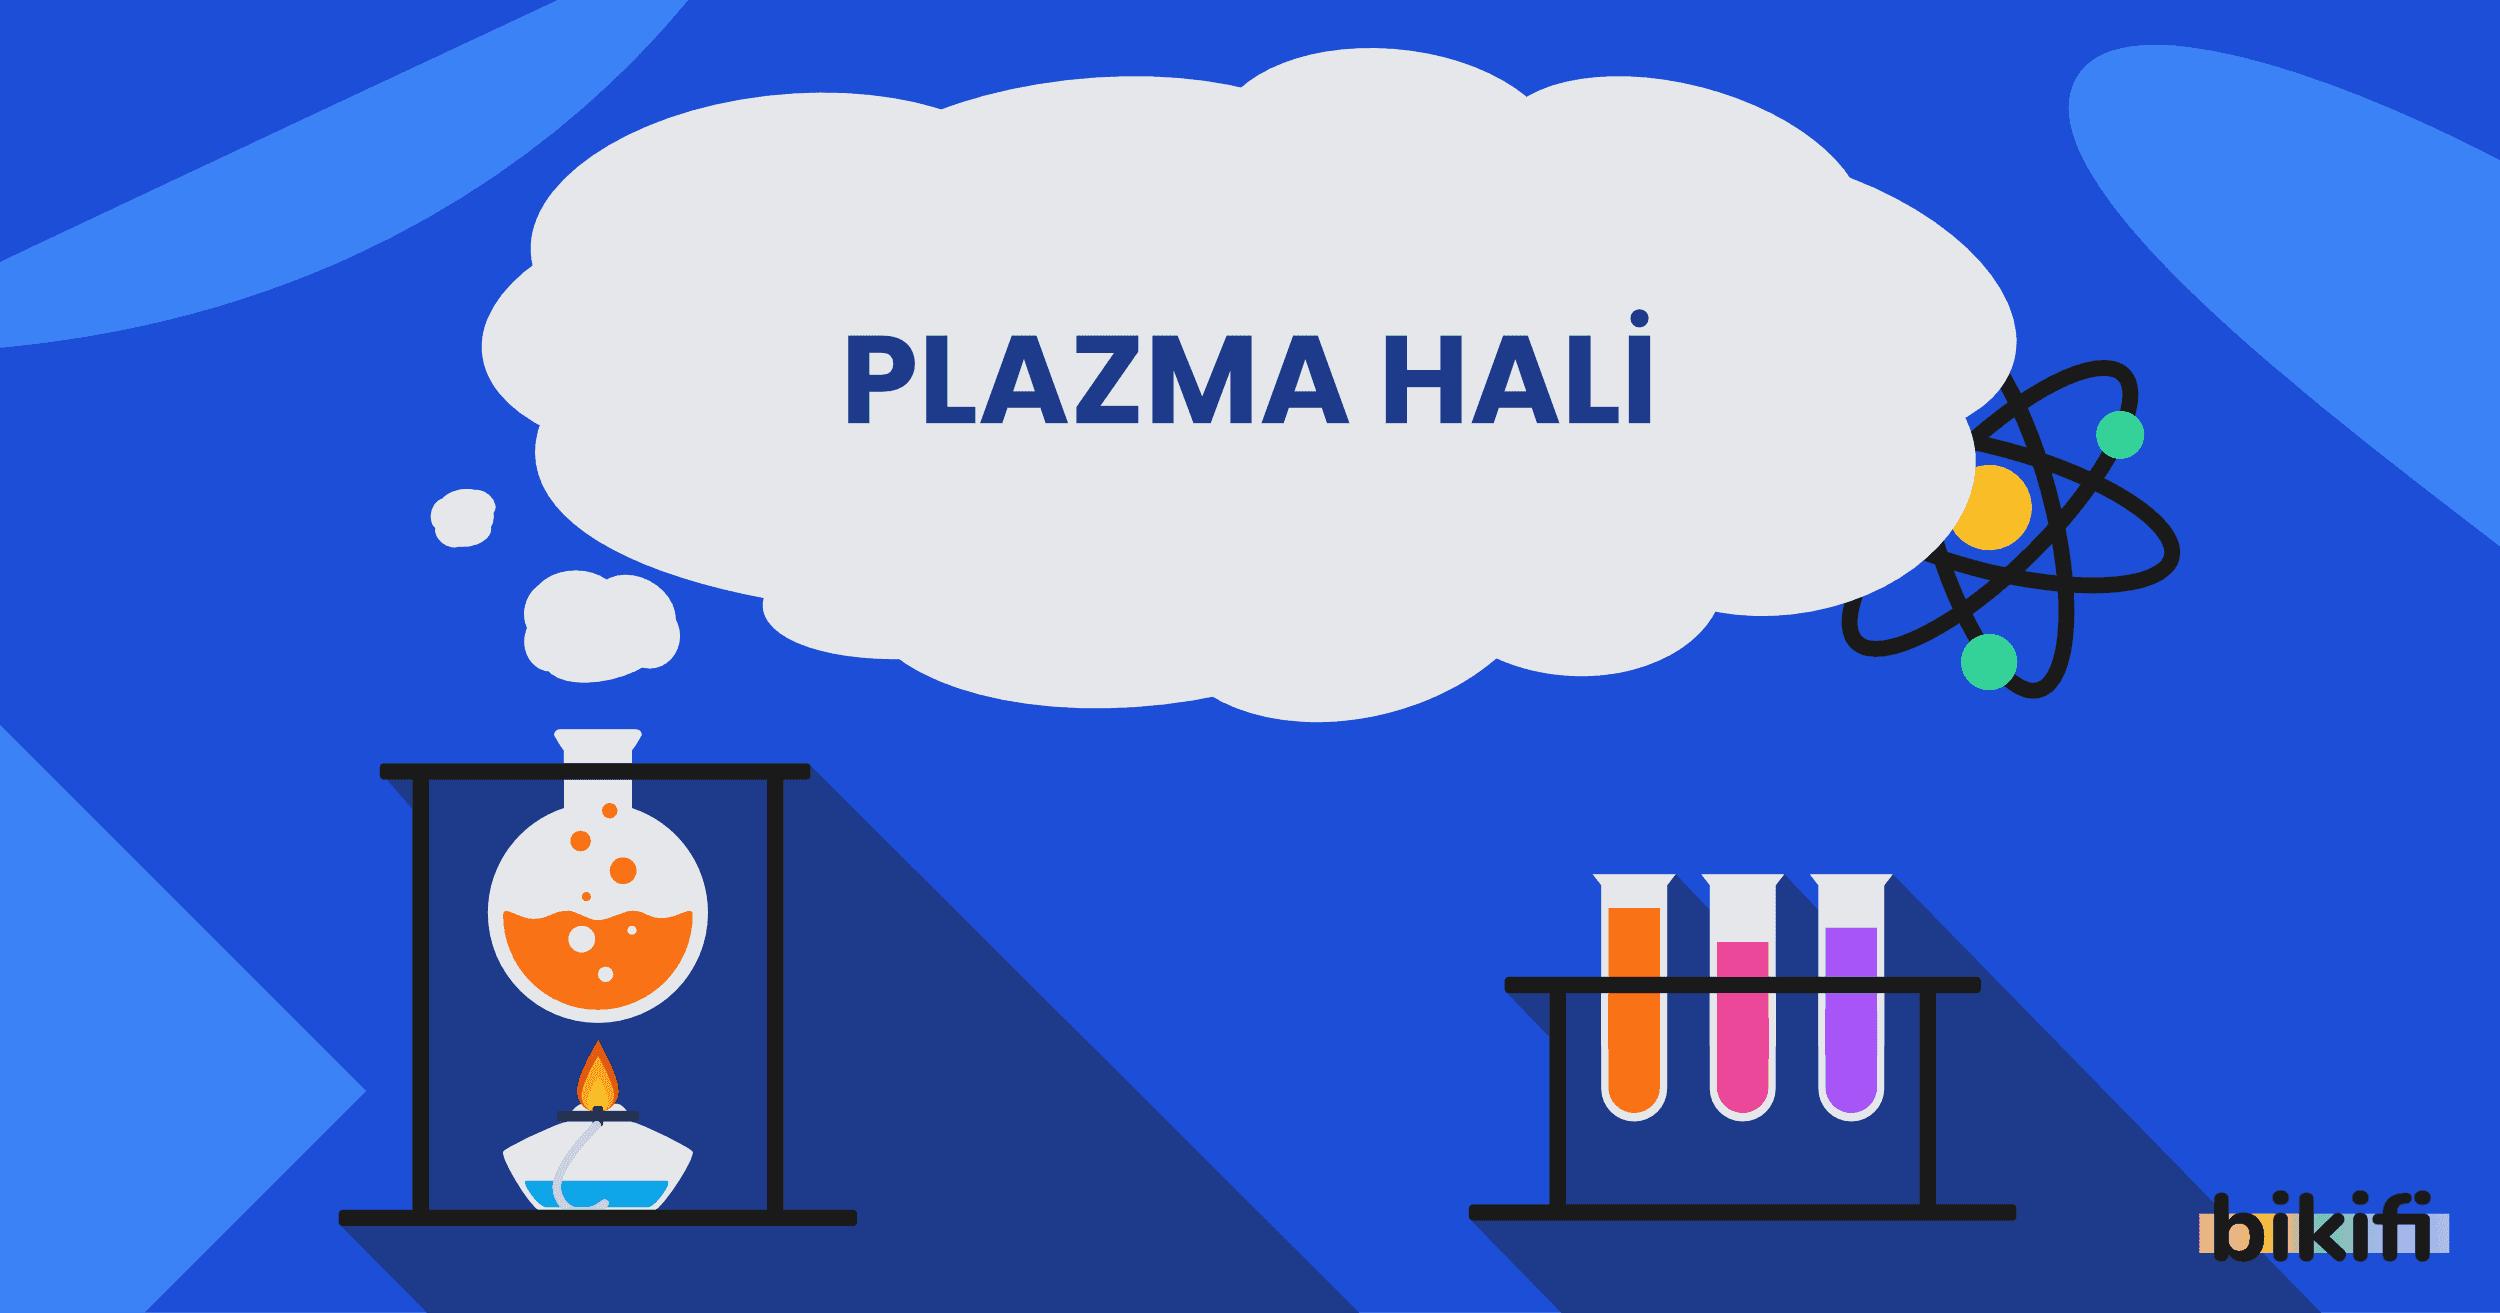 Plazma Hali